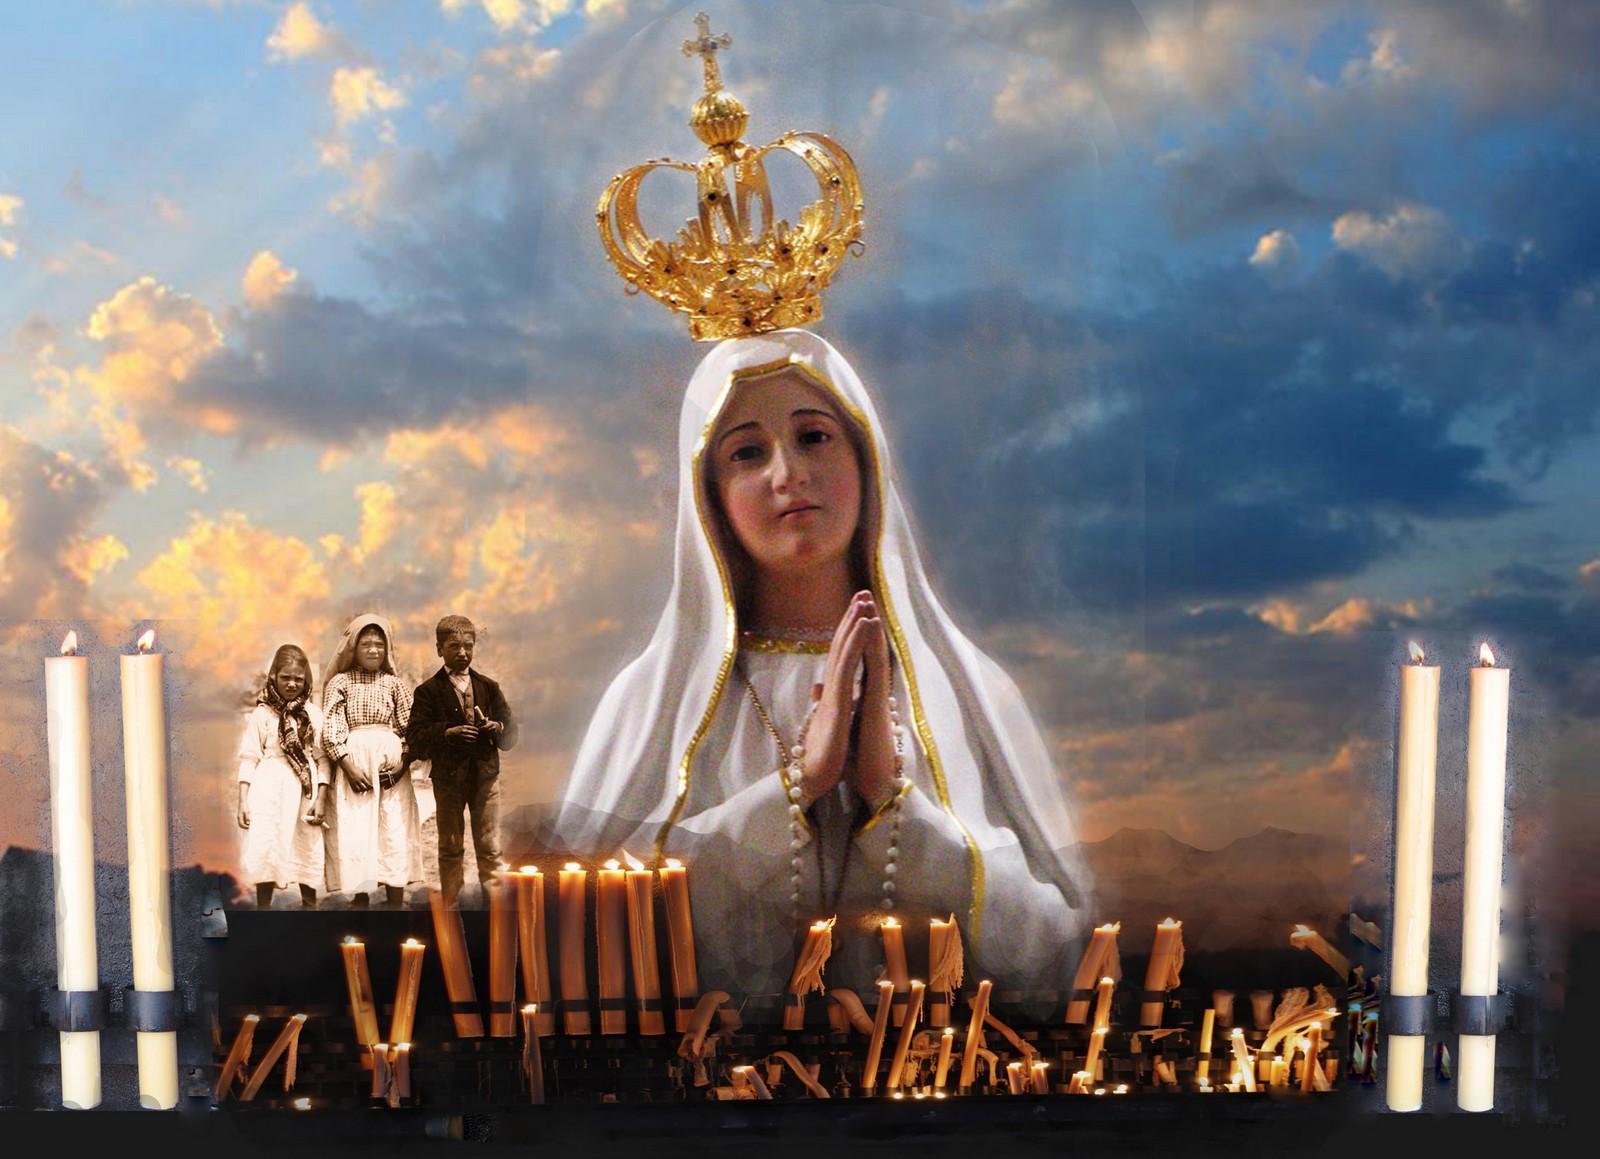 Resultado de imagen para Mensaje de Virgen de Fátima tiene gran actualidad para el hombre de hoy, afirma Cardenal